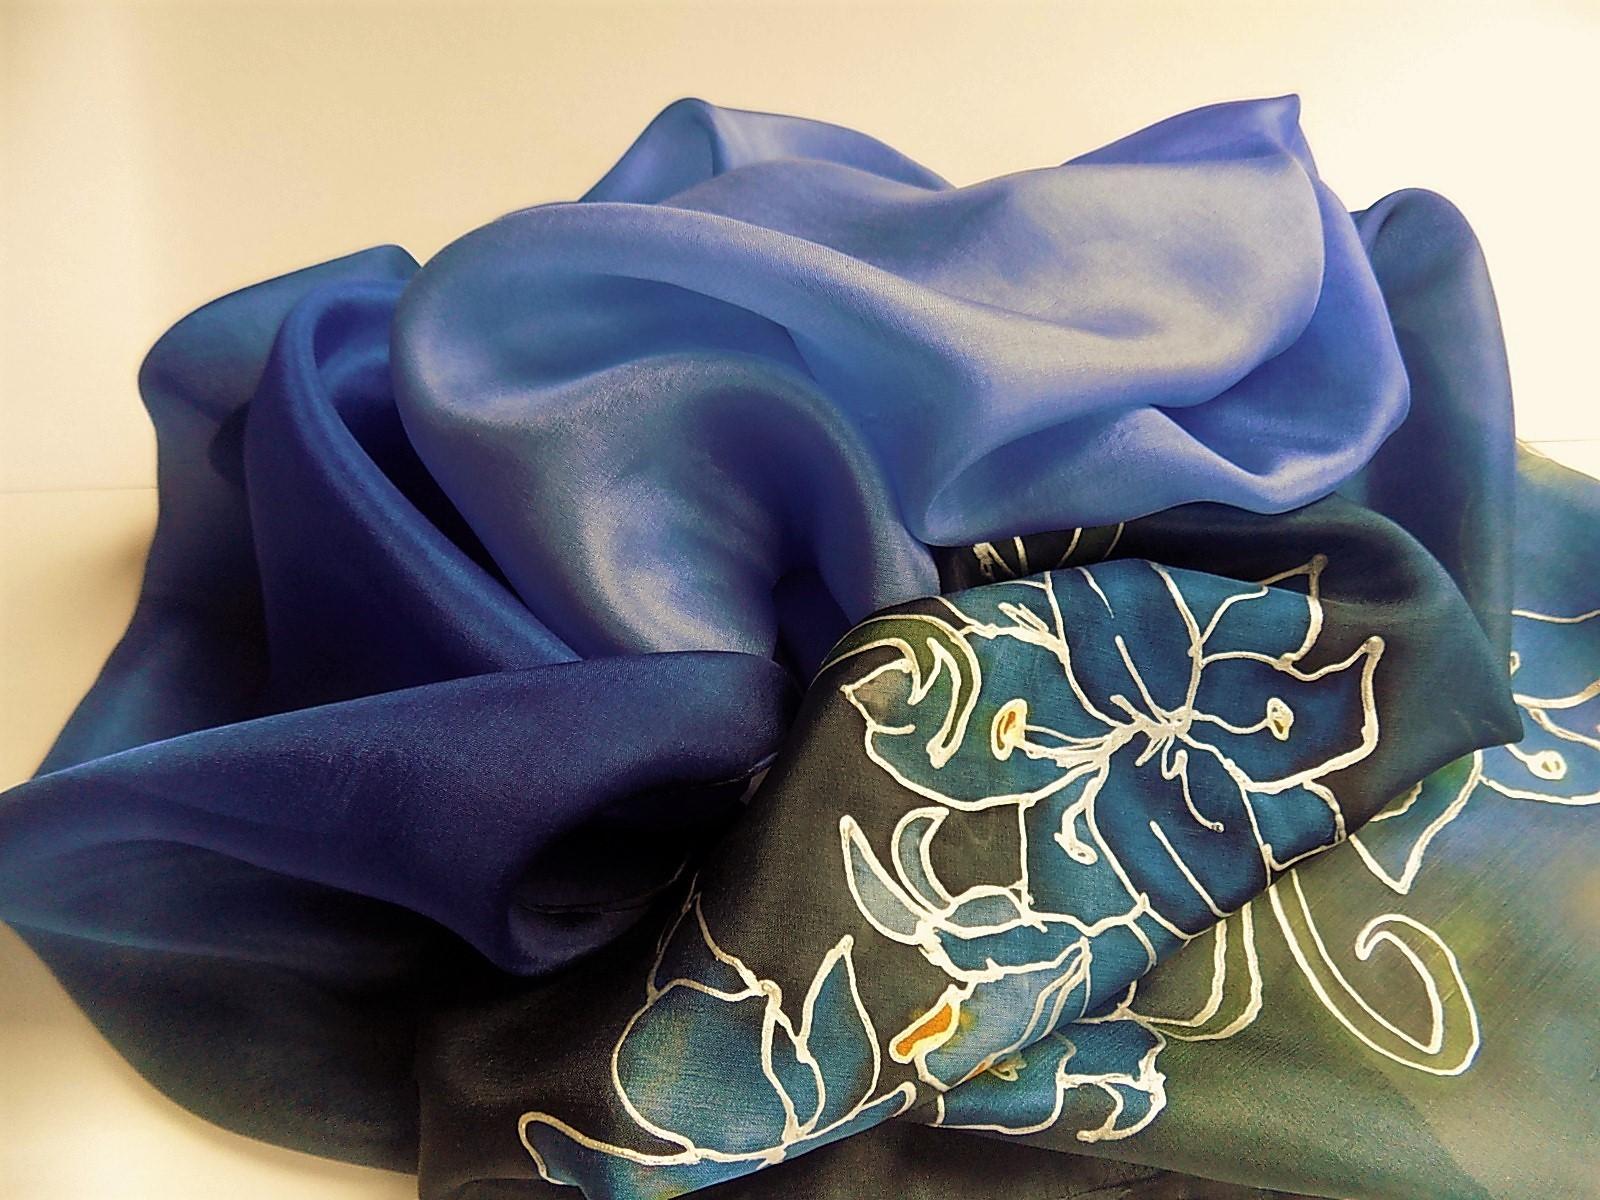 1c050a1a9f1 Hedvábný šál - Modrý s liliemi   Zboží prodejce Hedvábí-svíčky